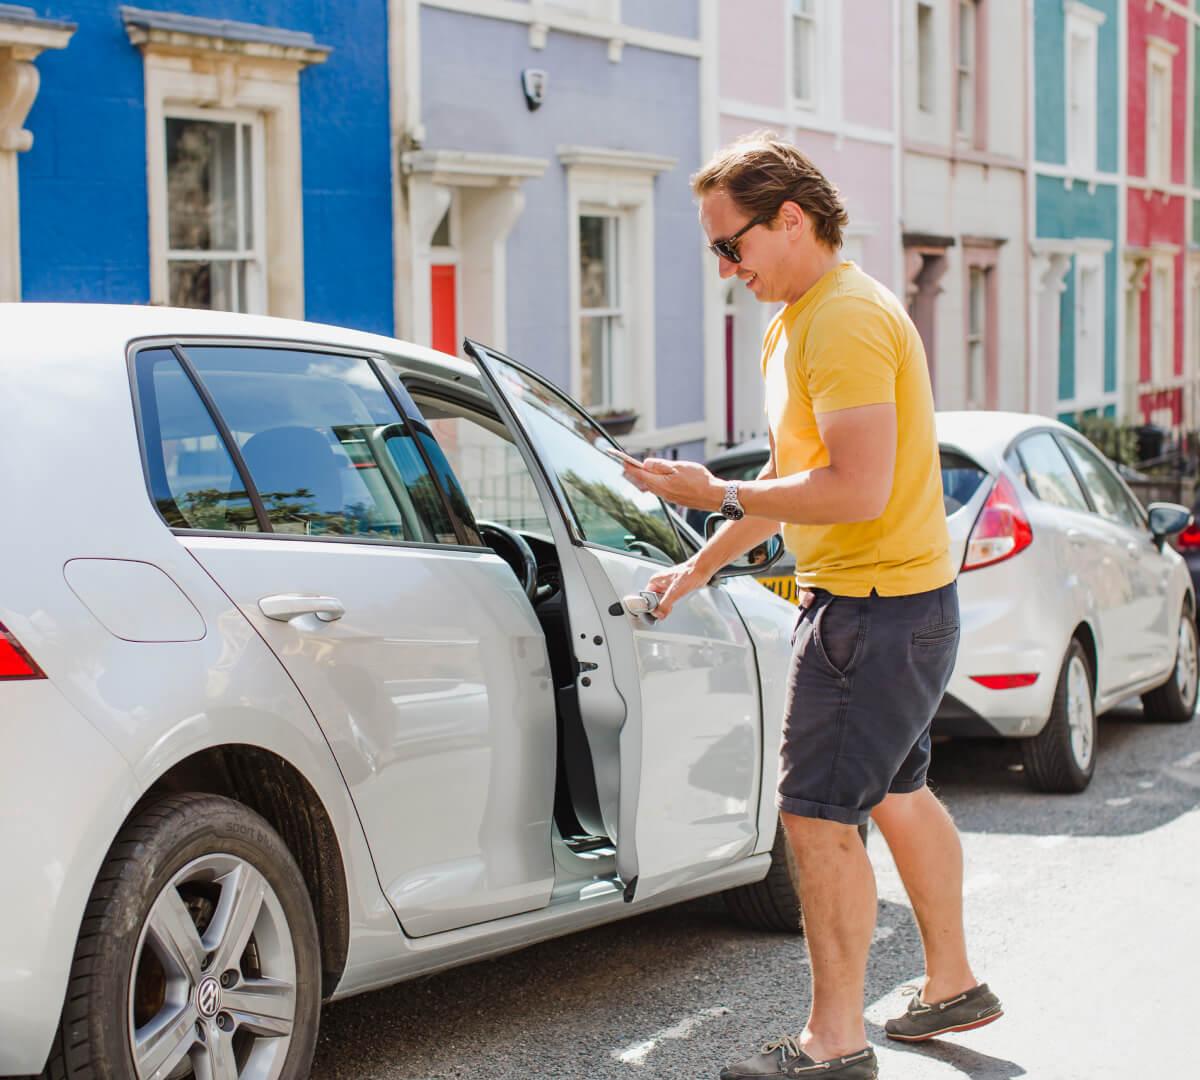 Car door of a car rental on car sharing app Karshare